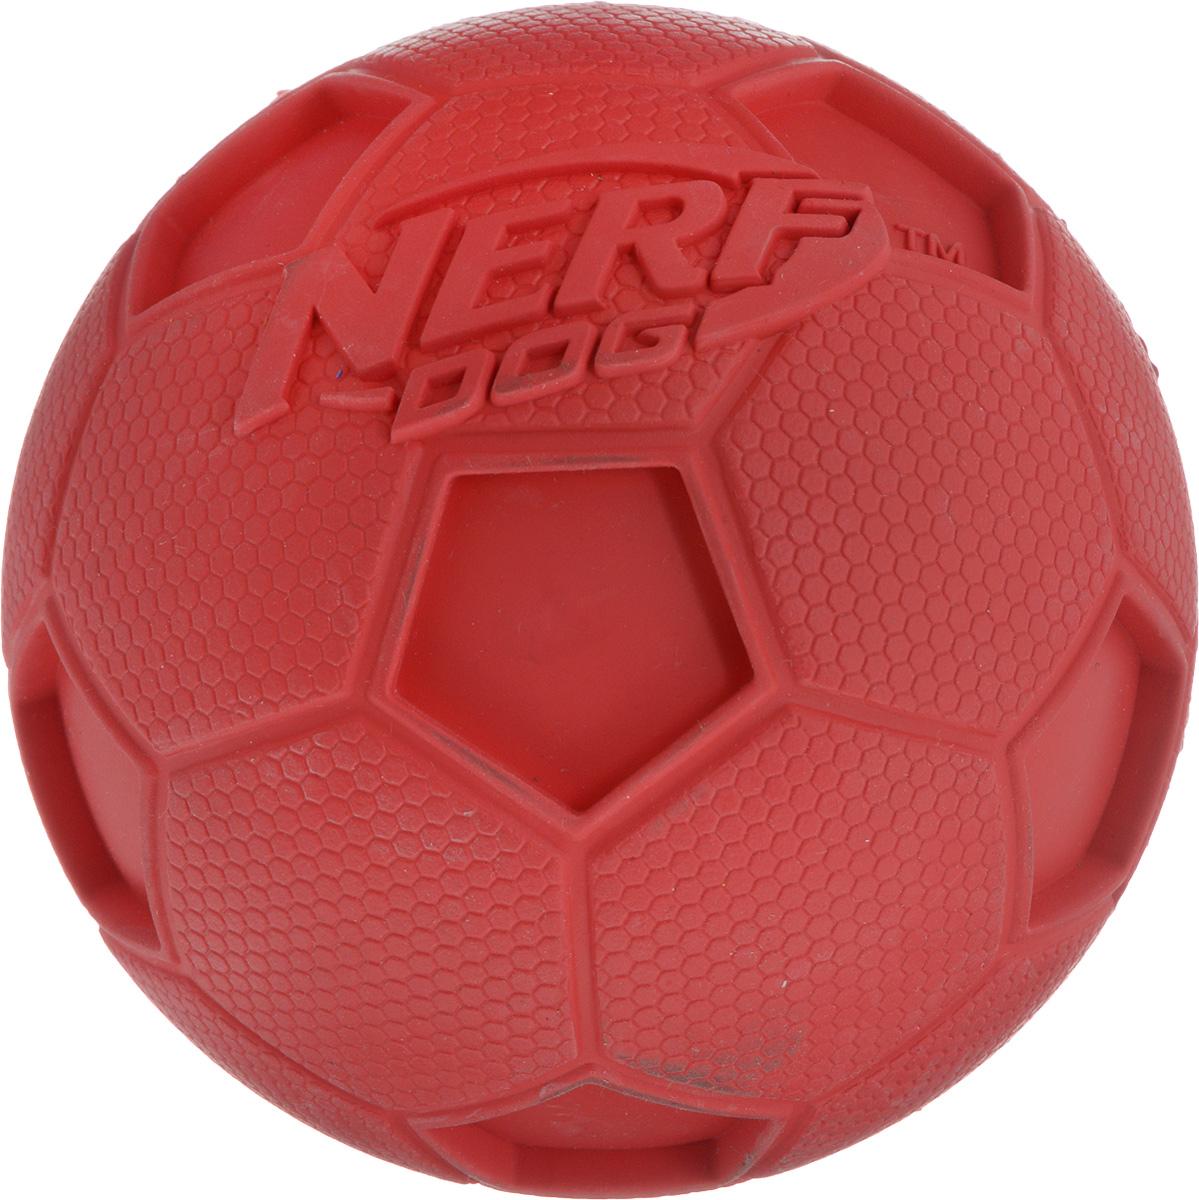 Игрушка для собак Nerf Мяч футбольный, с пищалкой, диаметр 10 см20-1125Игрушка для собак Nerf Мяч футбольный выполнена из резины в форме футбольного мяча. Игрушка оснащена пищалкой, что вызовет дополнительный интерес вашего питомца. Такая игрушка порадует вашего любимца, а вам доставит массу приятных эмоций, ведь наблюдать за игрой всегда интересно и приятно. Диаметр игрушки: 10 см.